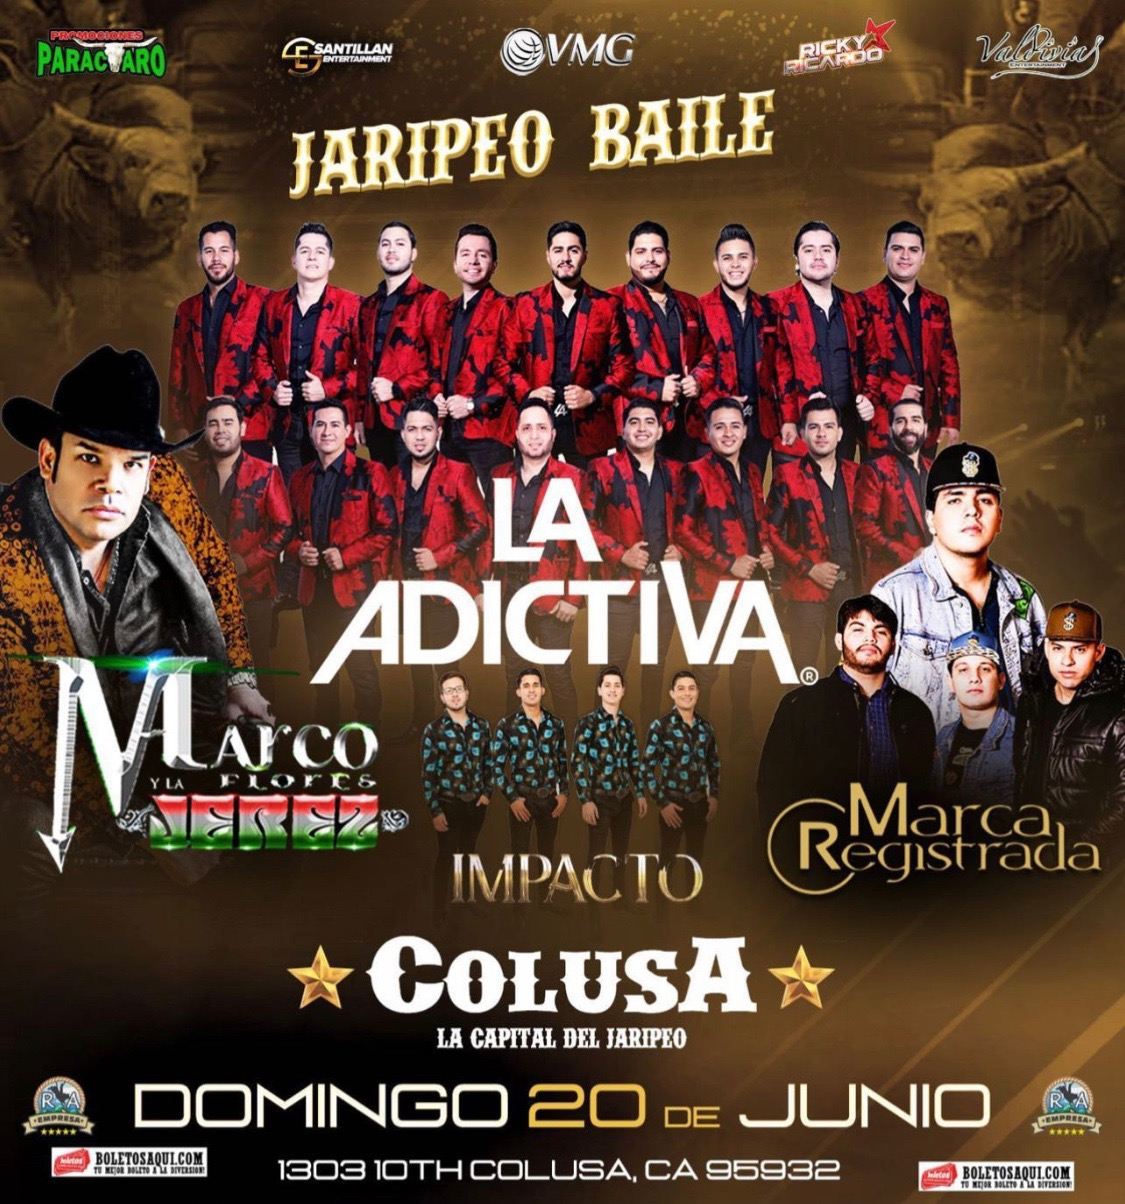 Jaripeo Baile con Banda La Adictiva, Marco Flores y La Jerez, Impacto y Marca Registrada – Colusa, CA